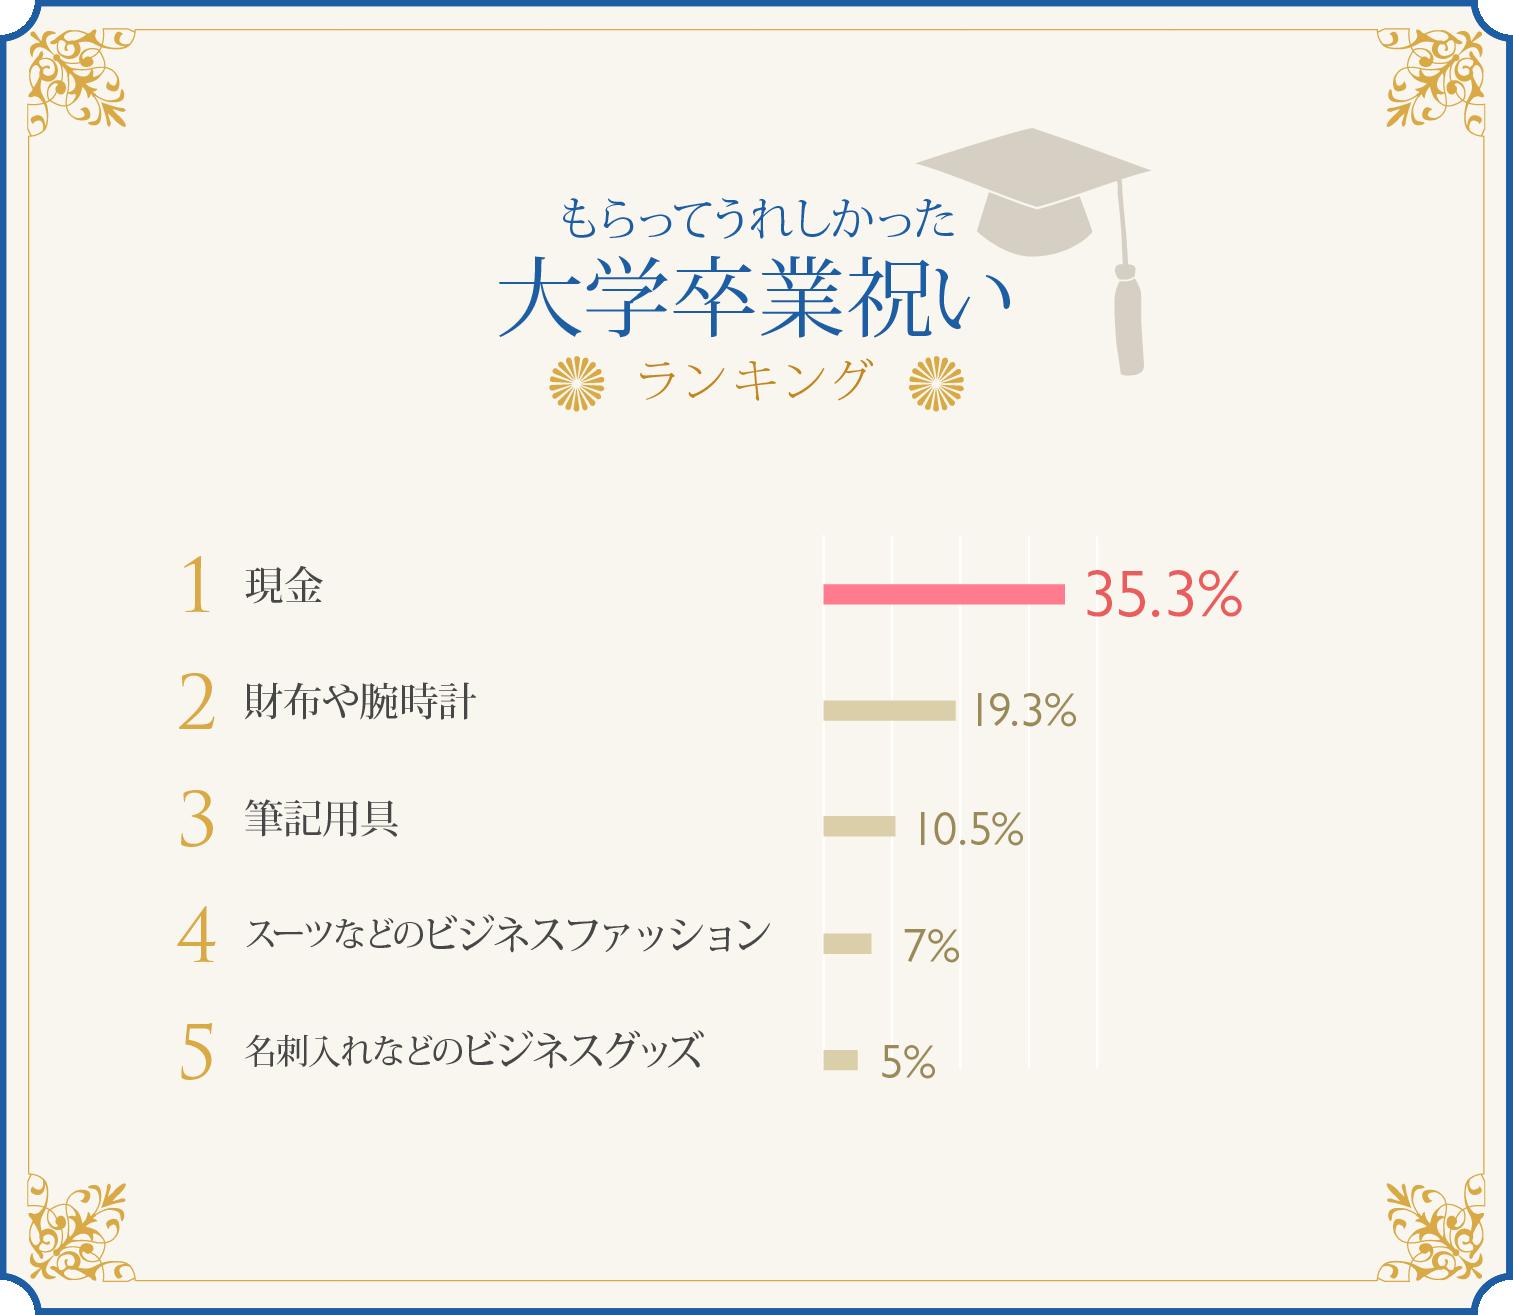 もらってうれしかった大学卒業祝いランキンググラフ